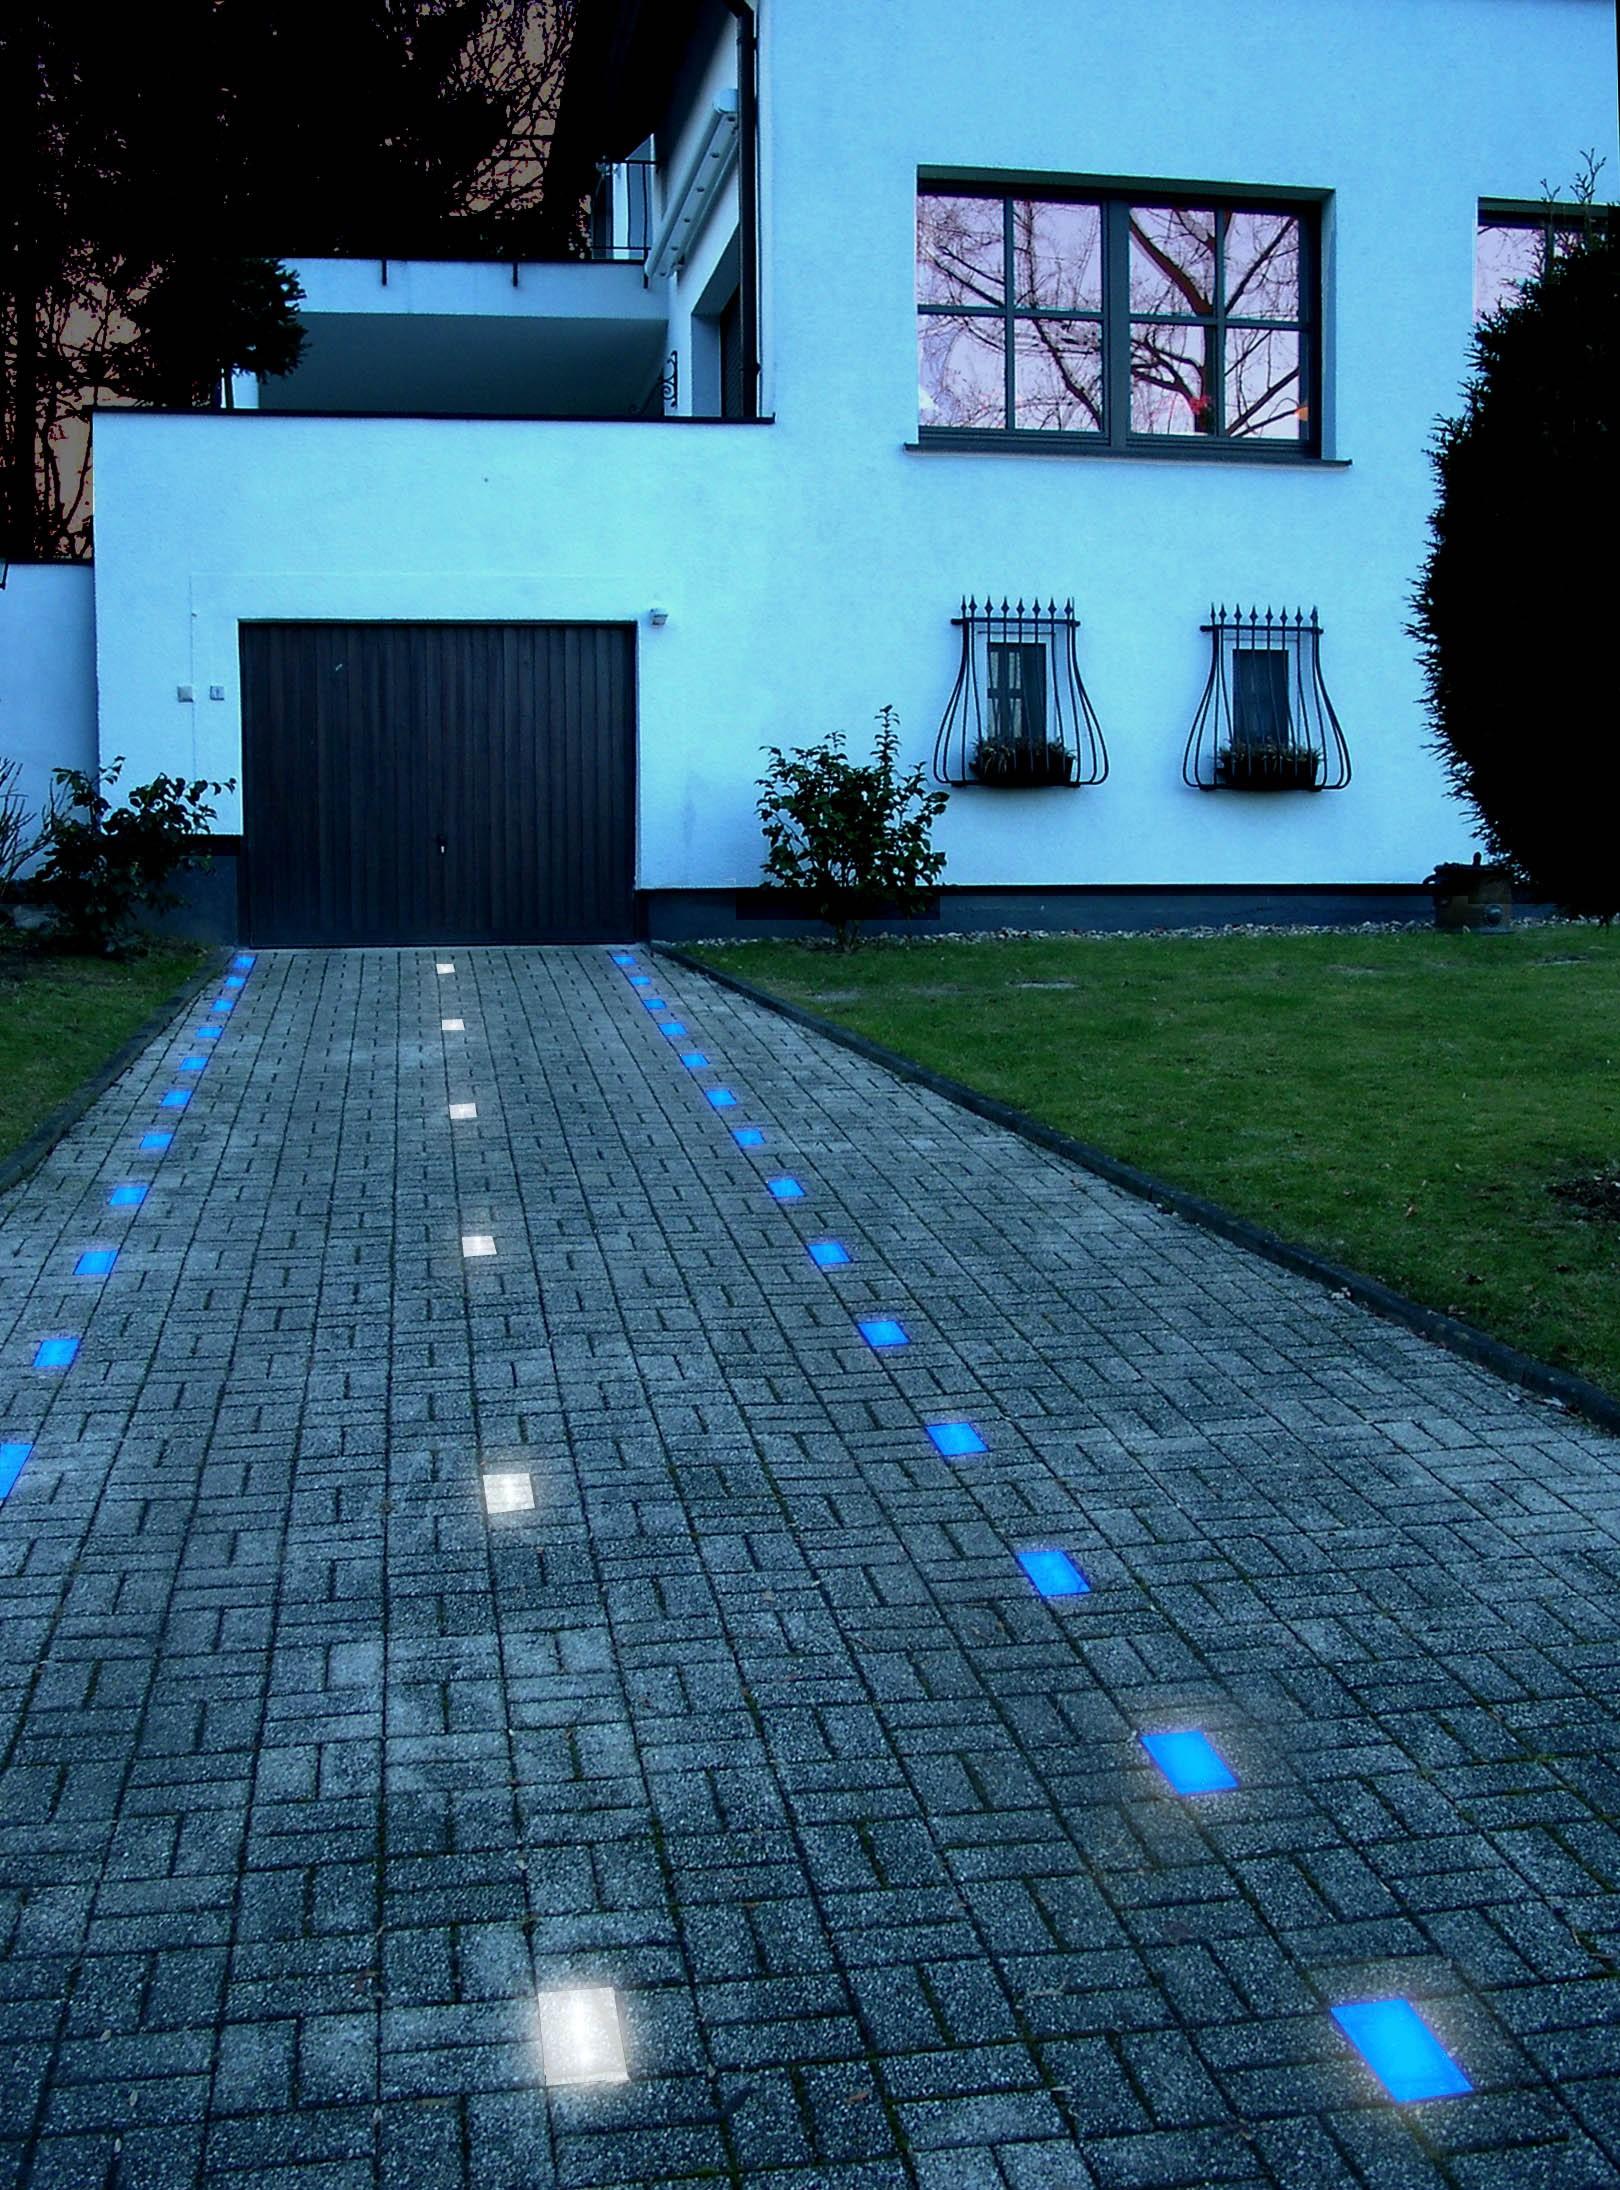 Светящаяся плитка вокруг дома